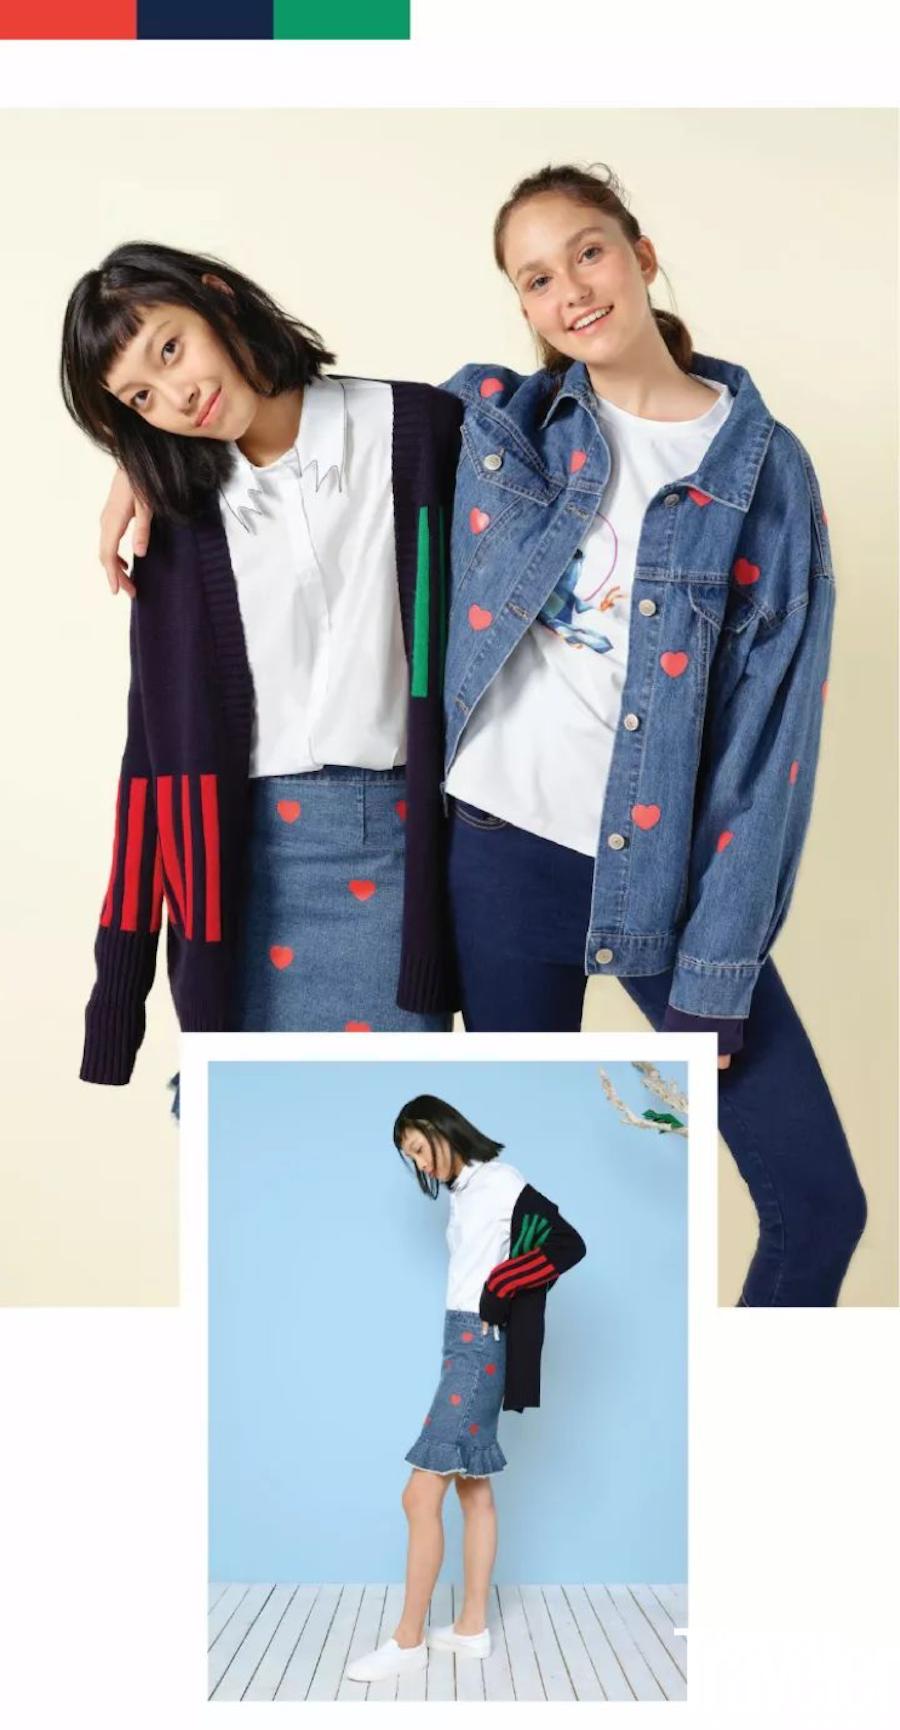 设计师联名款第二弹来袭!Gap × Condé Nast Center × W by WenJun系列要进店啦~